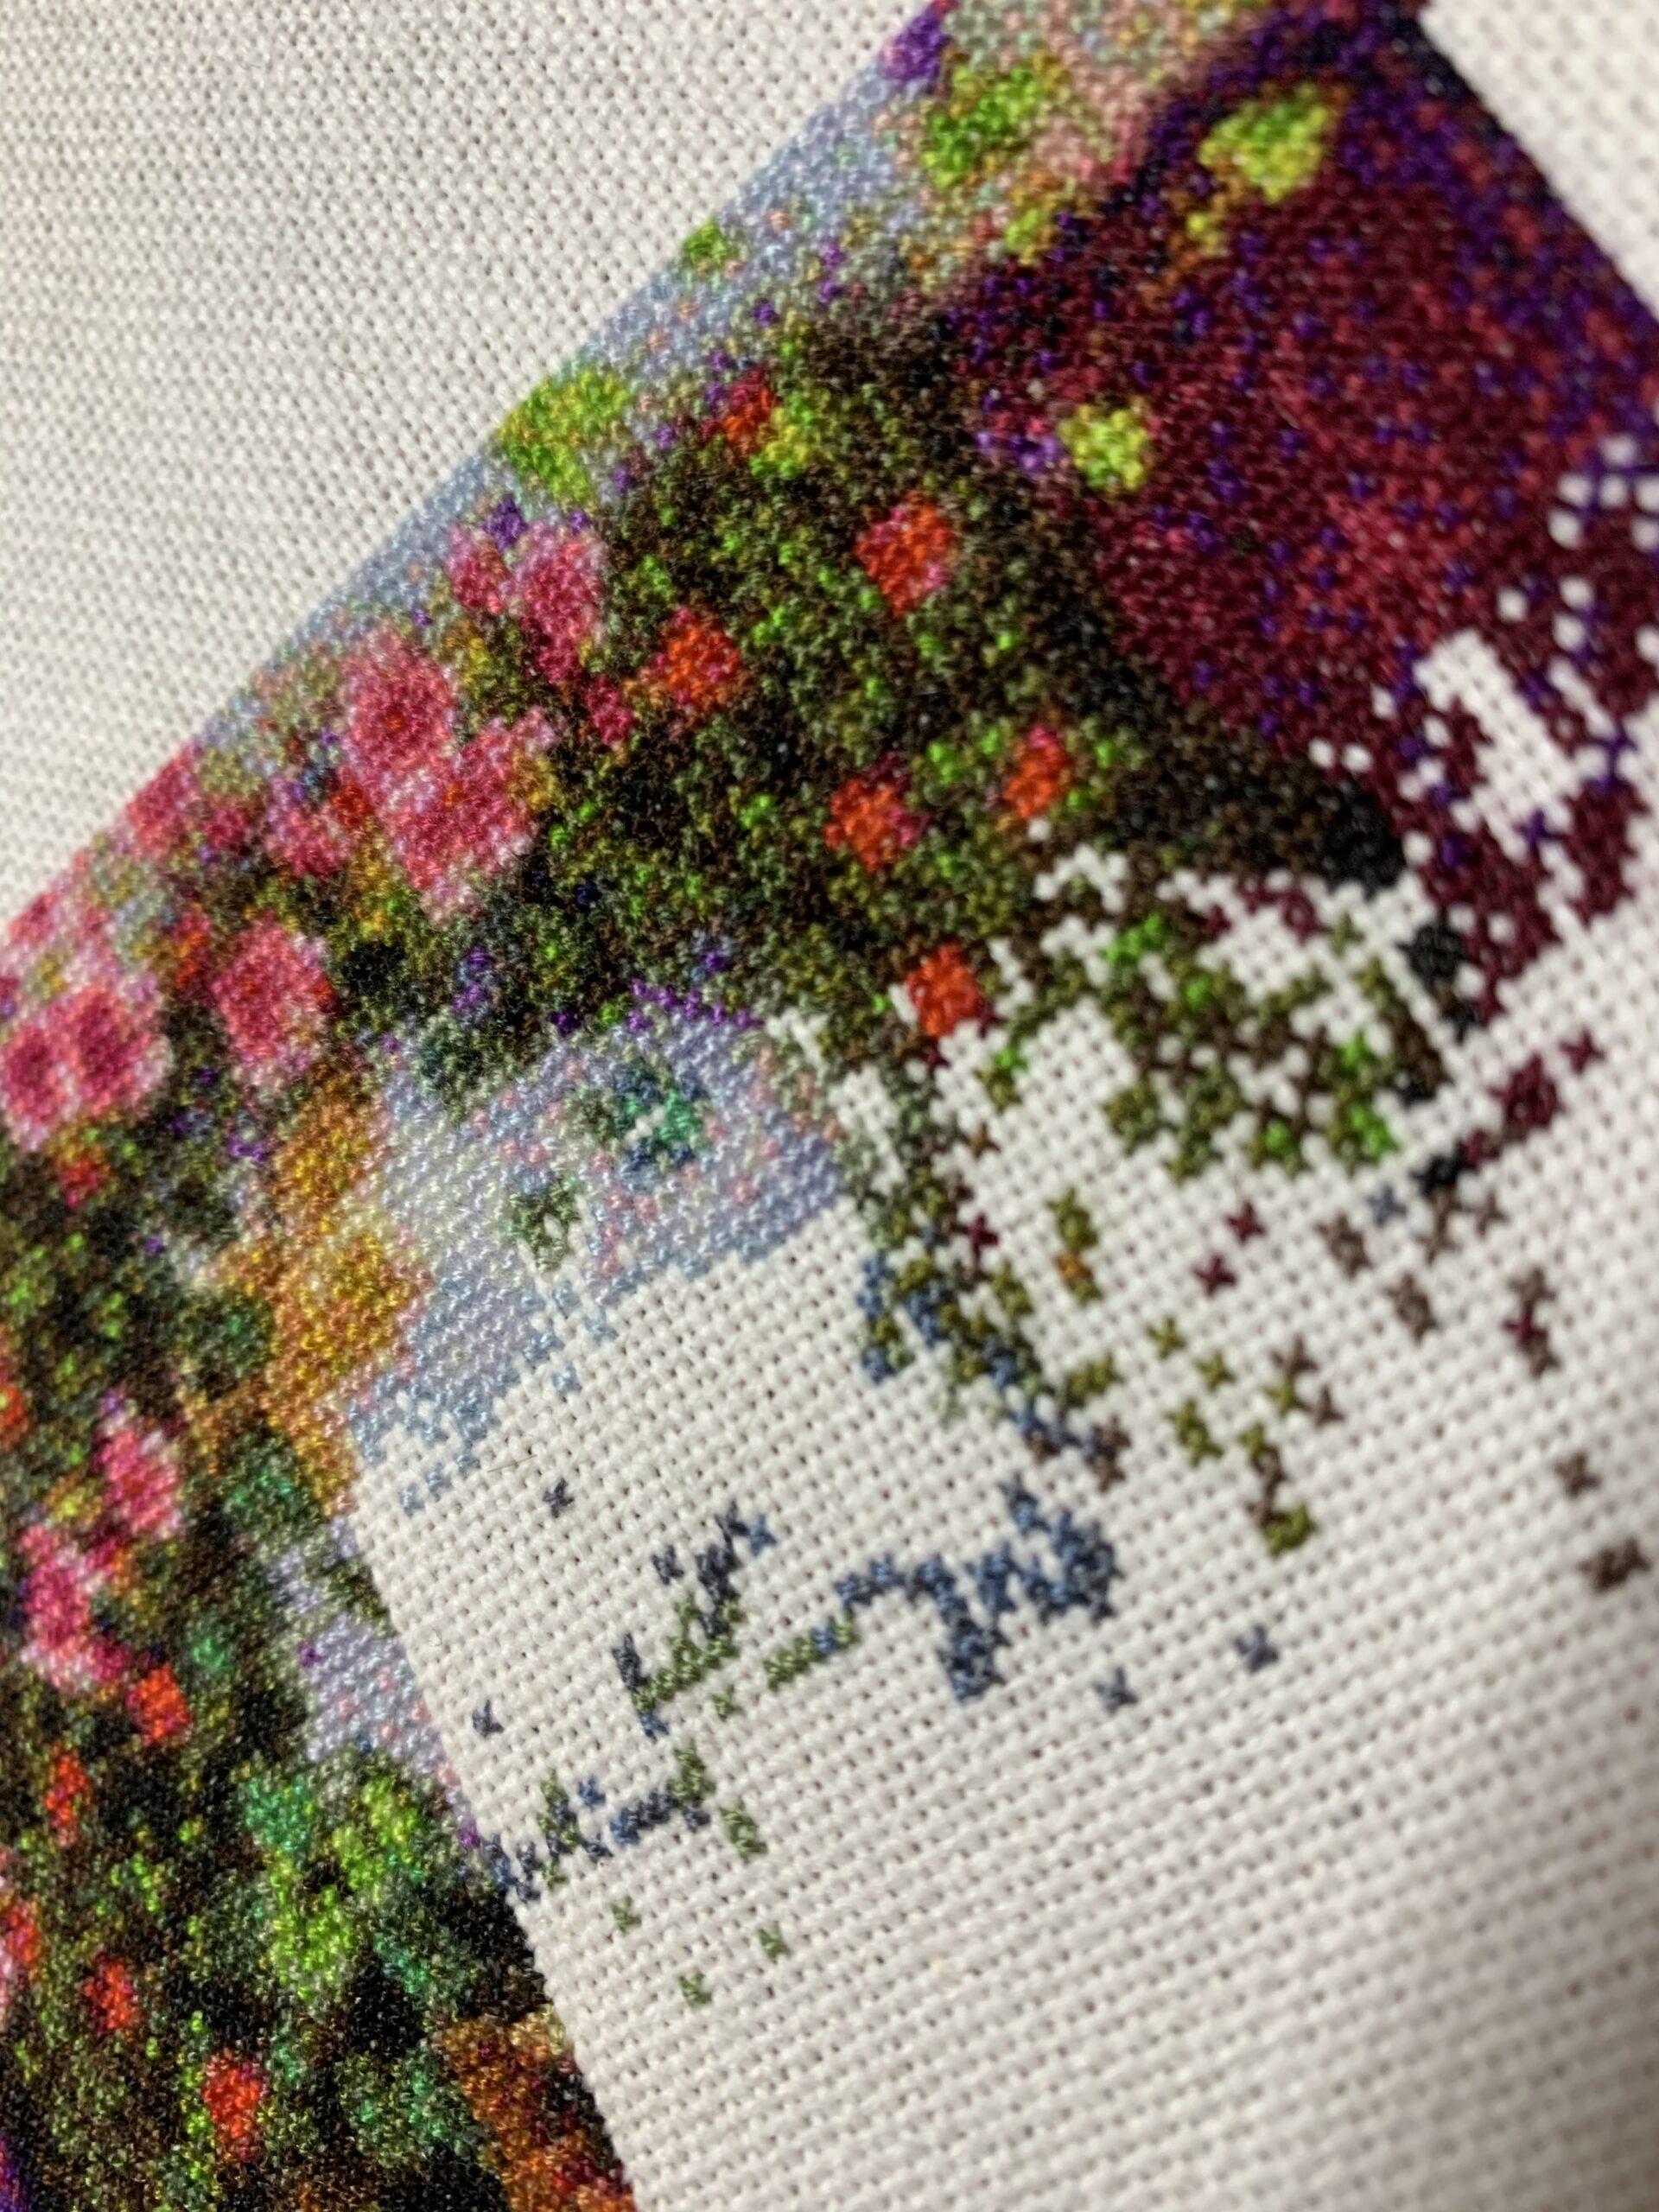 A Stitch In Time Feb 21